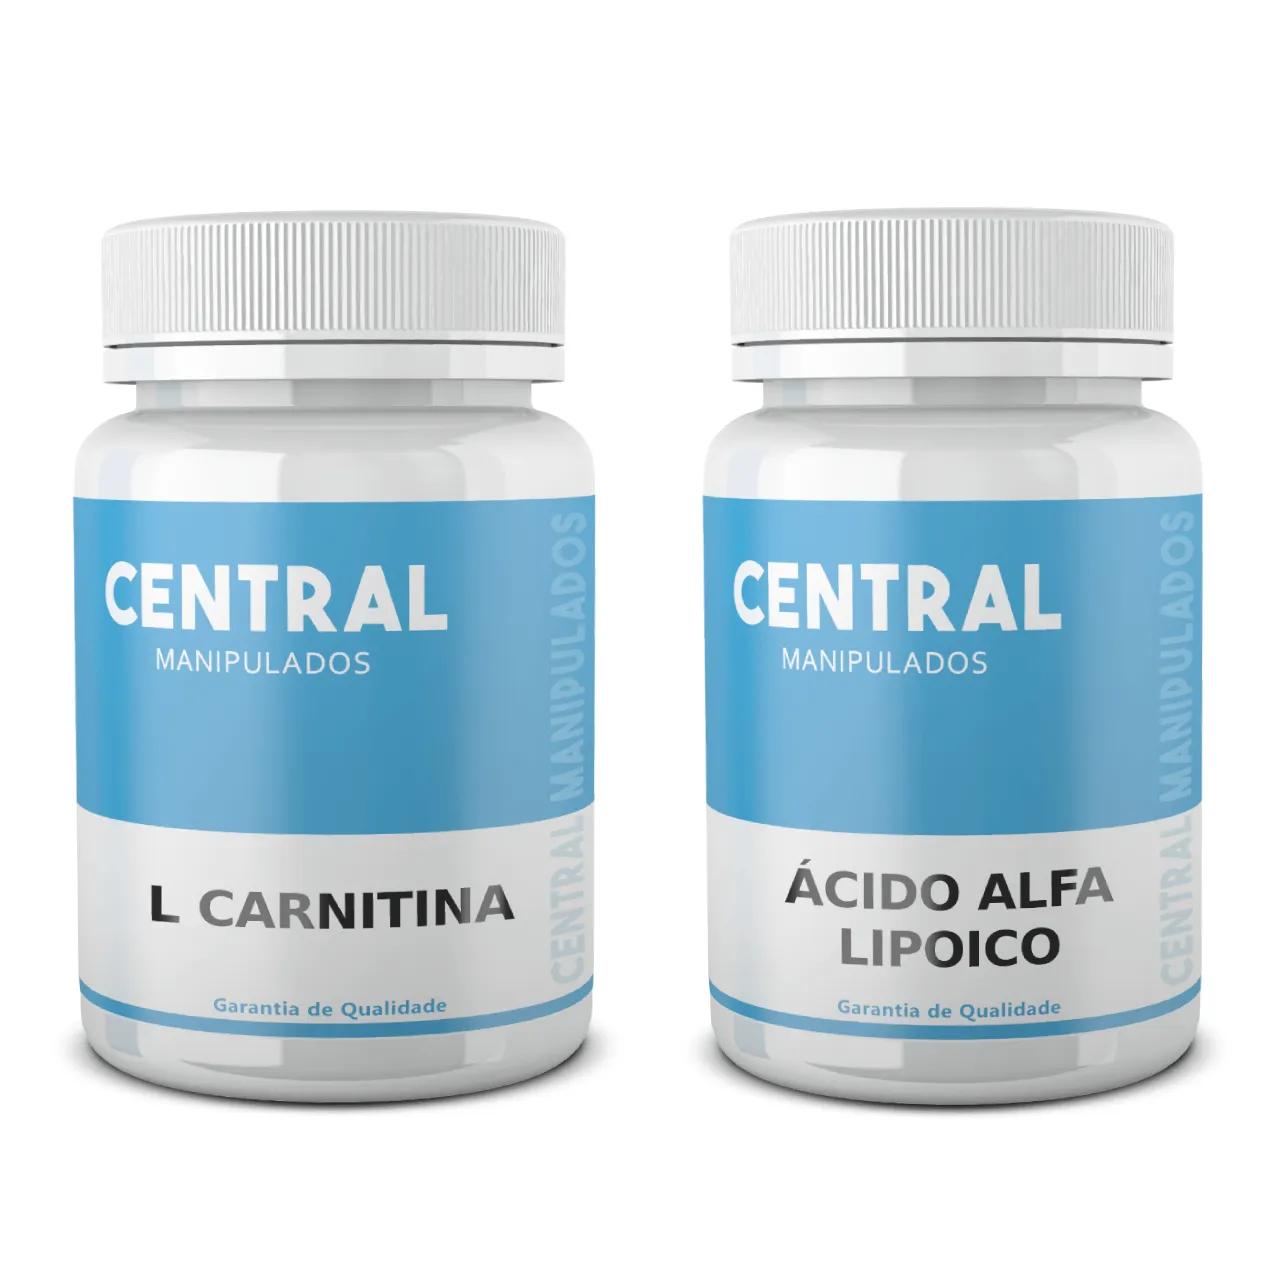 L Carnitina 500mg + Ácido Alfa Lipoico 100mg 30 cápsulas de cada - TOTAL 60 cápsulas - Redução de colesterol, da gordura localizada e no Fígado, Antioxidante